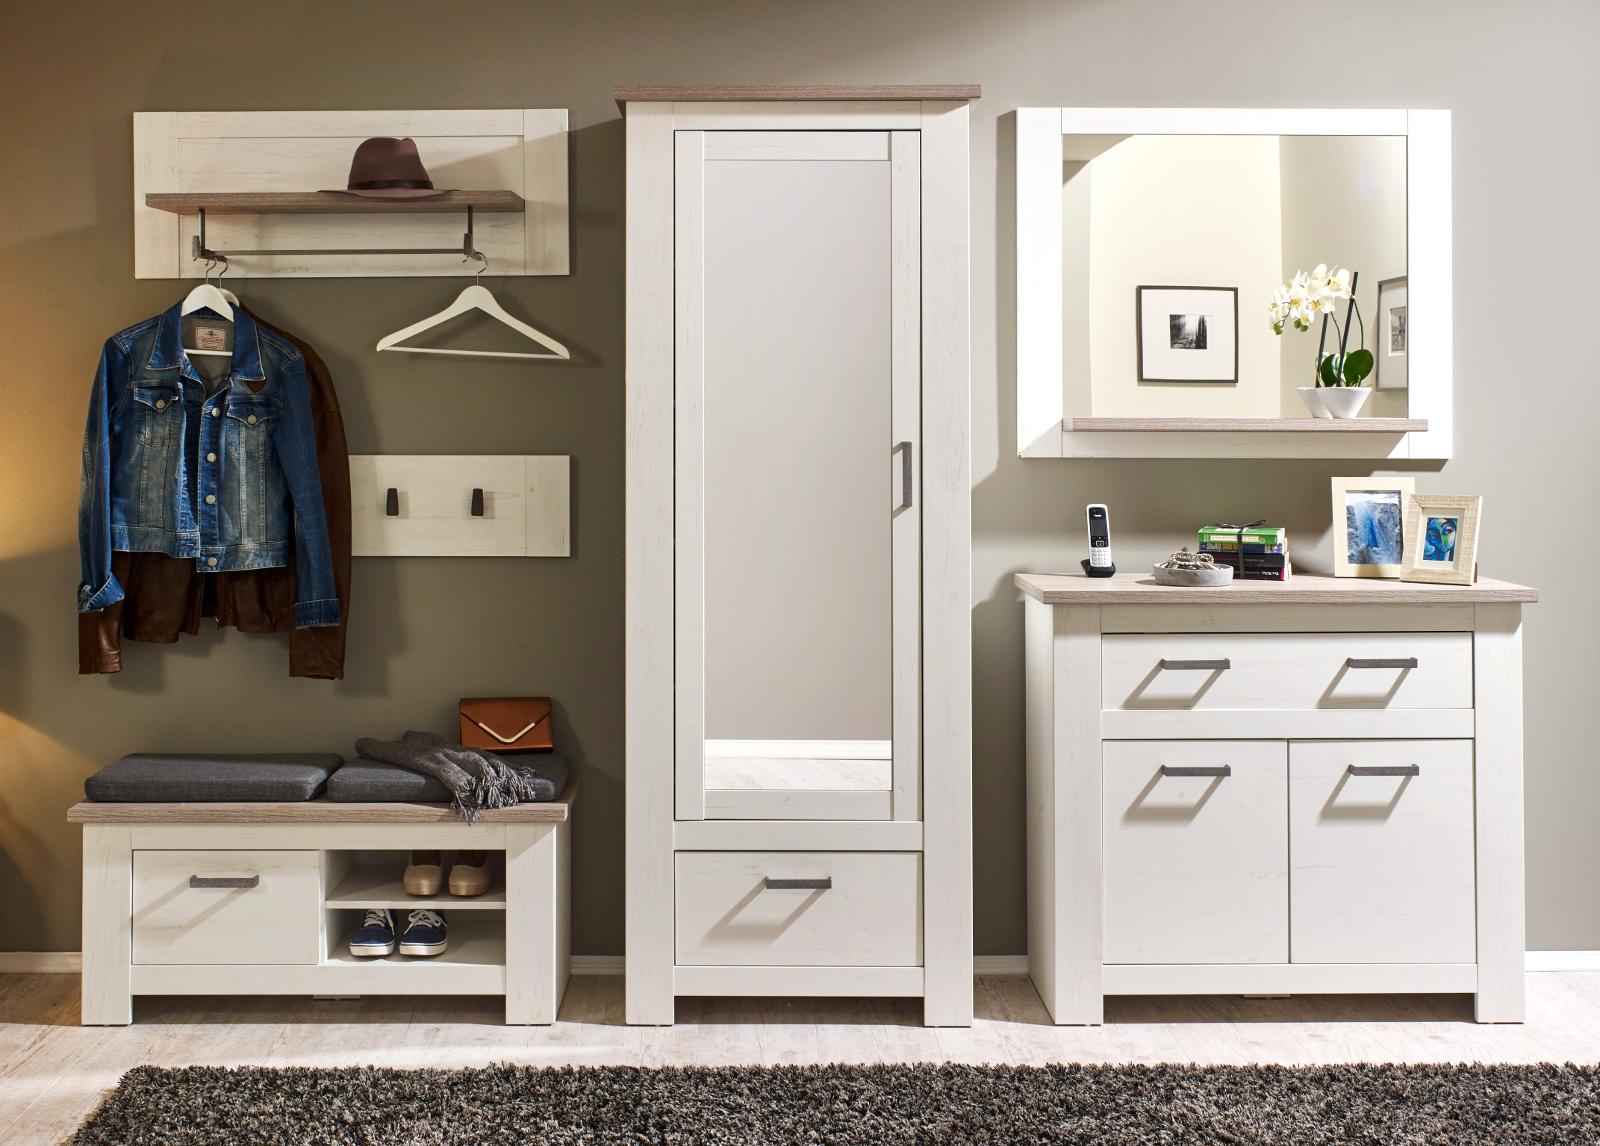 schuhschrank flur kommode pinie wei und eiche nelson dielenm bel landhaus lotte ebay. Black Bedroom Furniture Sets. Home Design Ideas